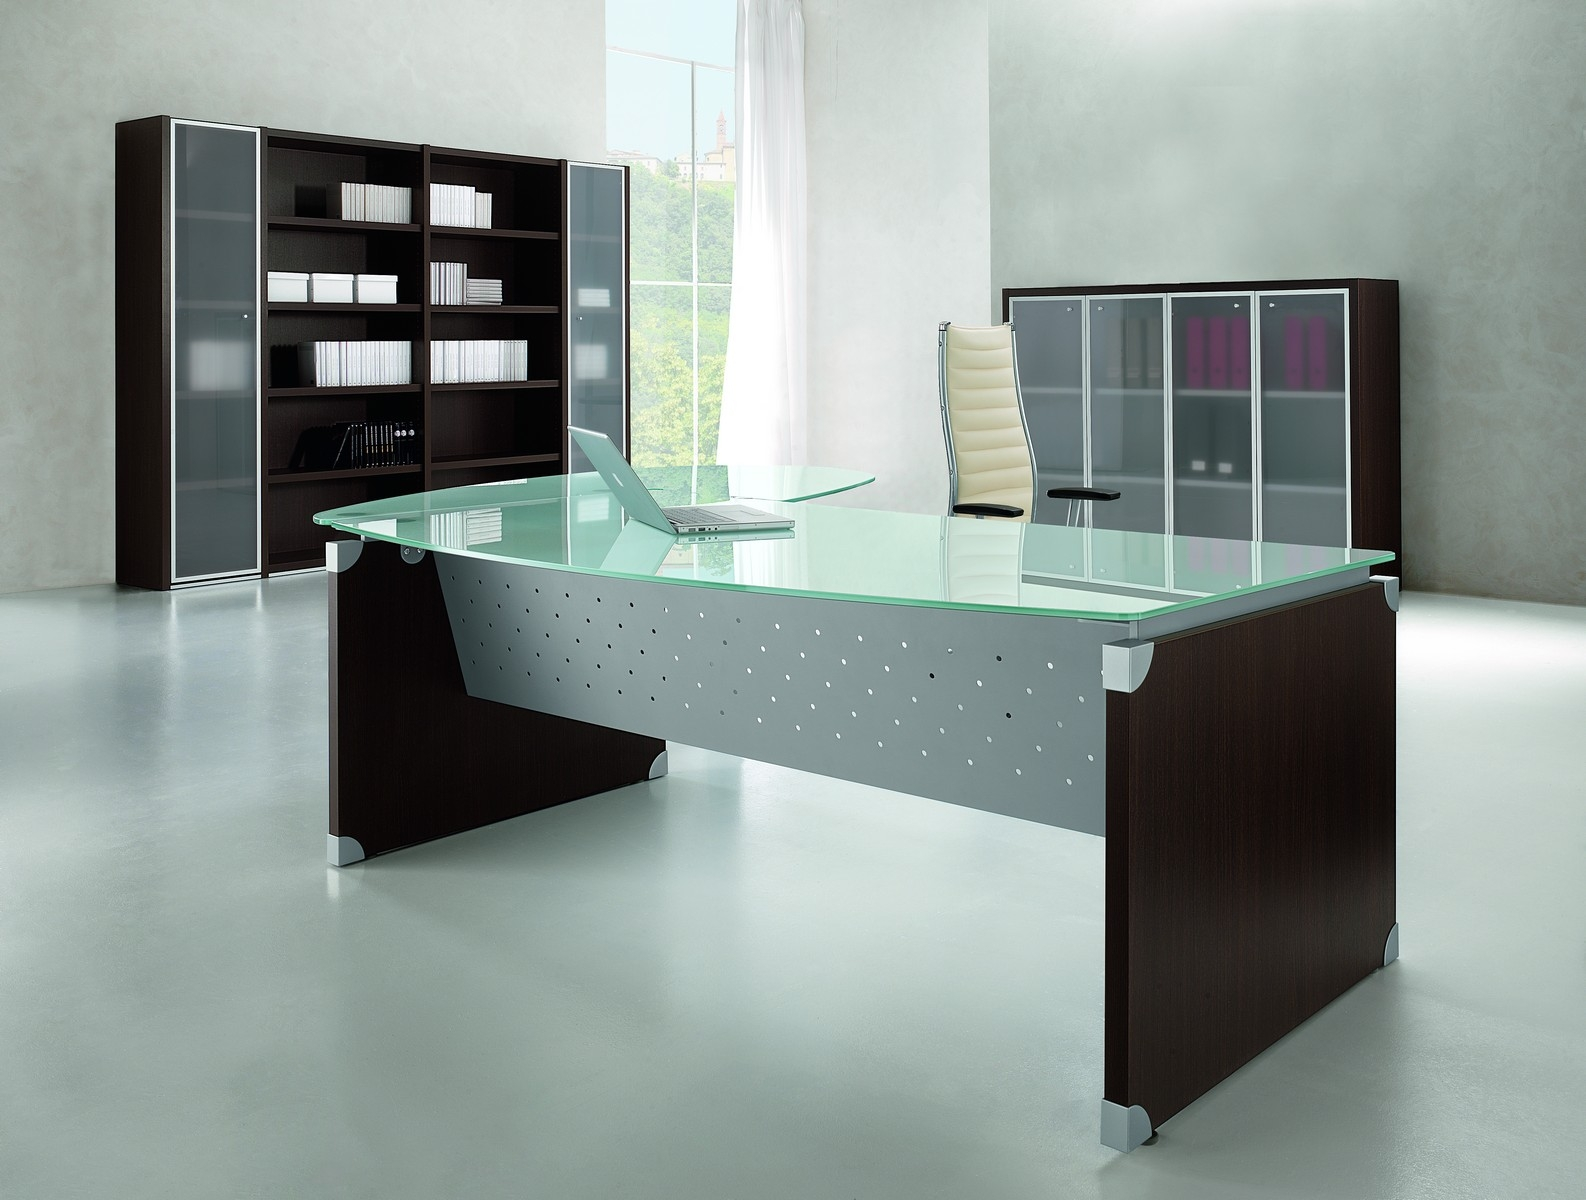 office furniture executive desk ideas on foter rh foter com